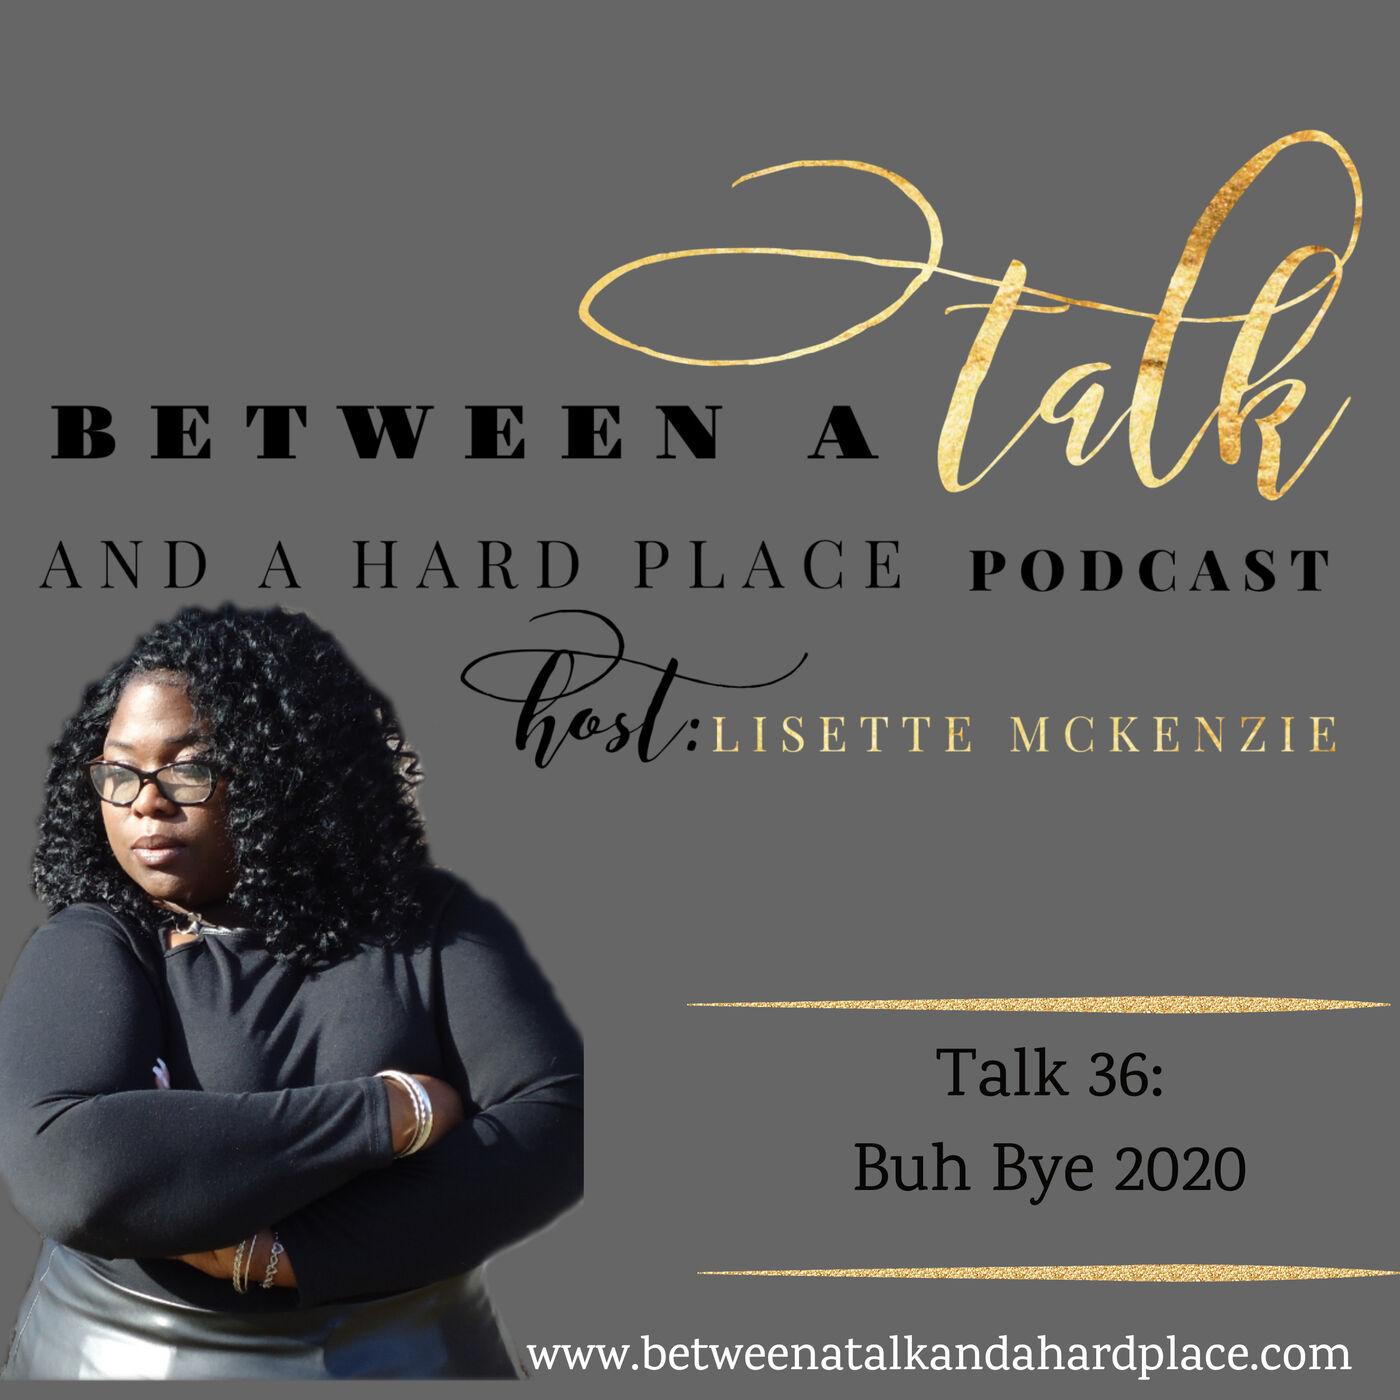 Talk 36: Buh Bye 2020